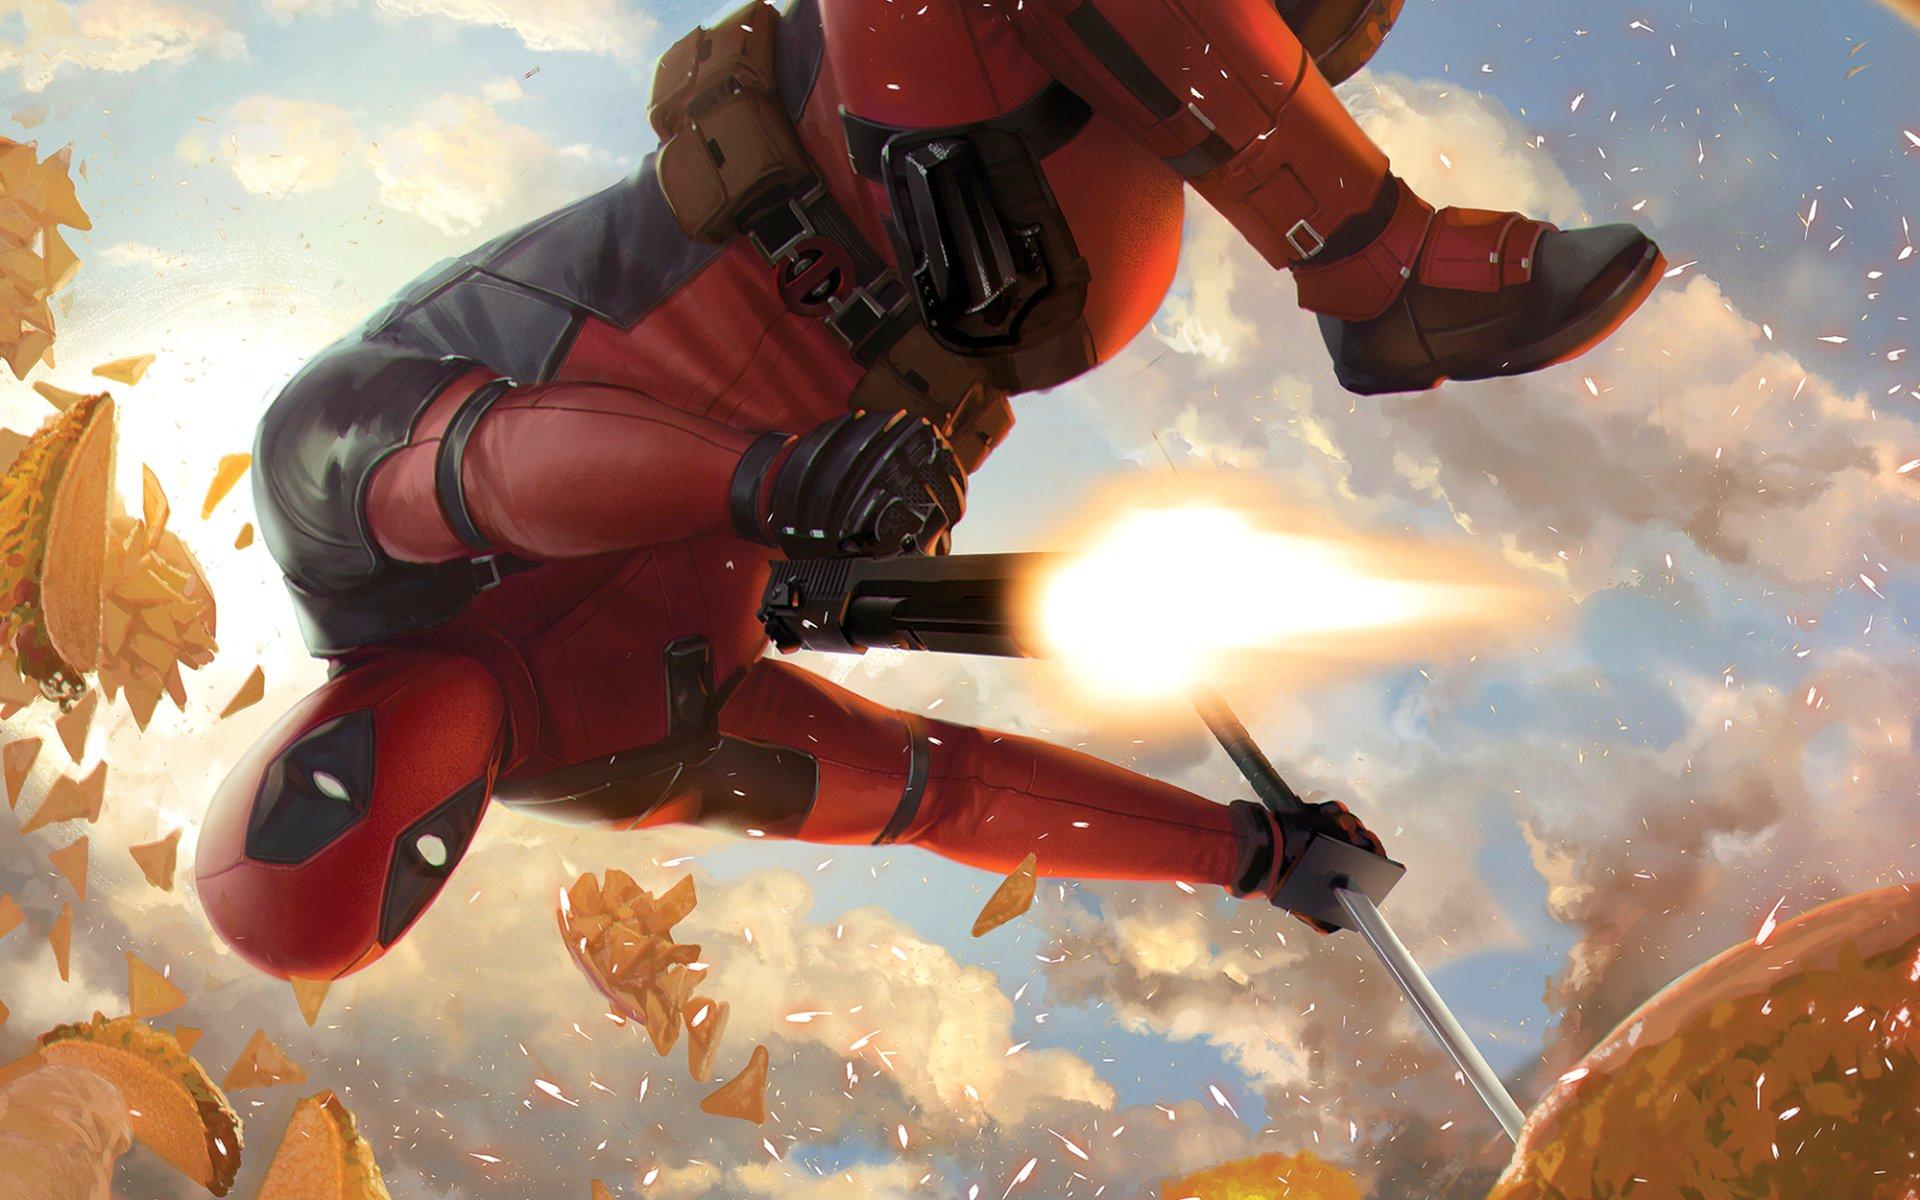 Deadpool 2 4k Uhd Backgrounds Wallpaper Download High Resolution 4k Wallpaper